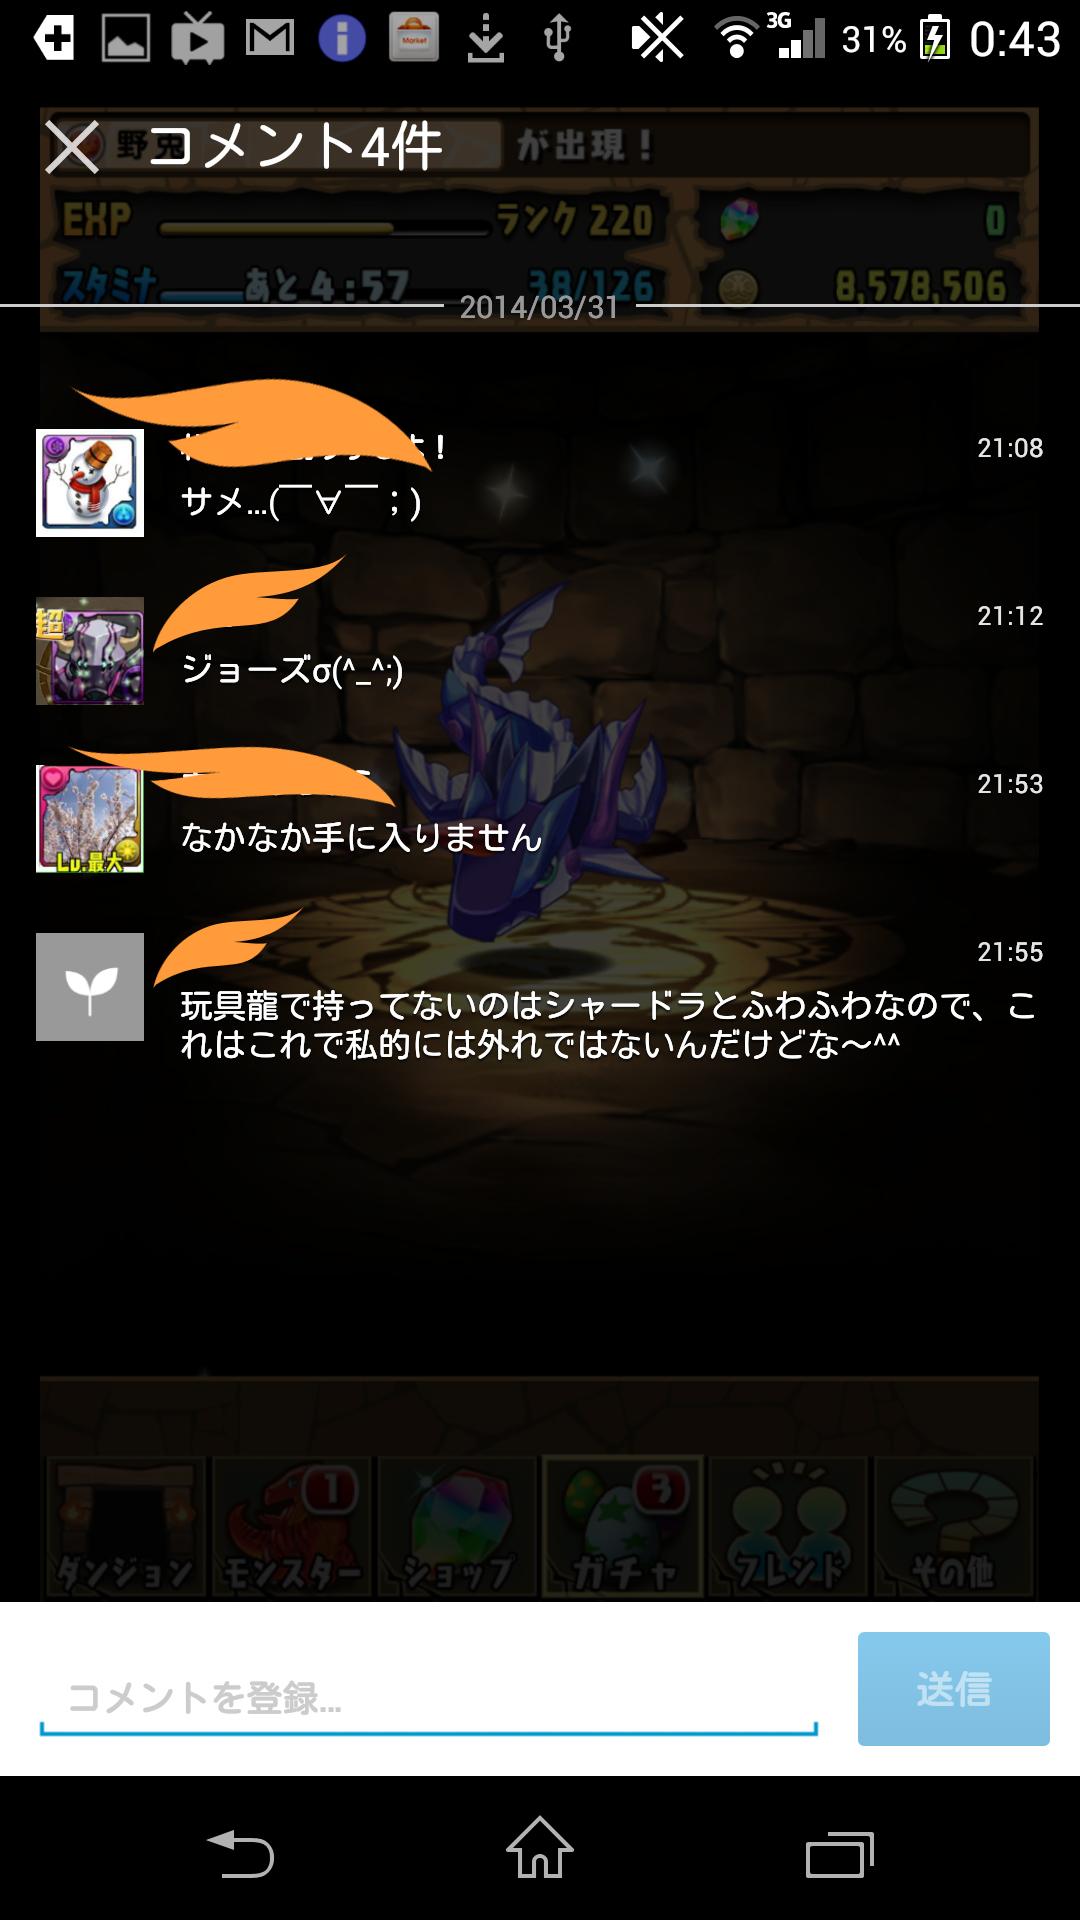 Screenshot_2014-04-01-00-43-37.jpg